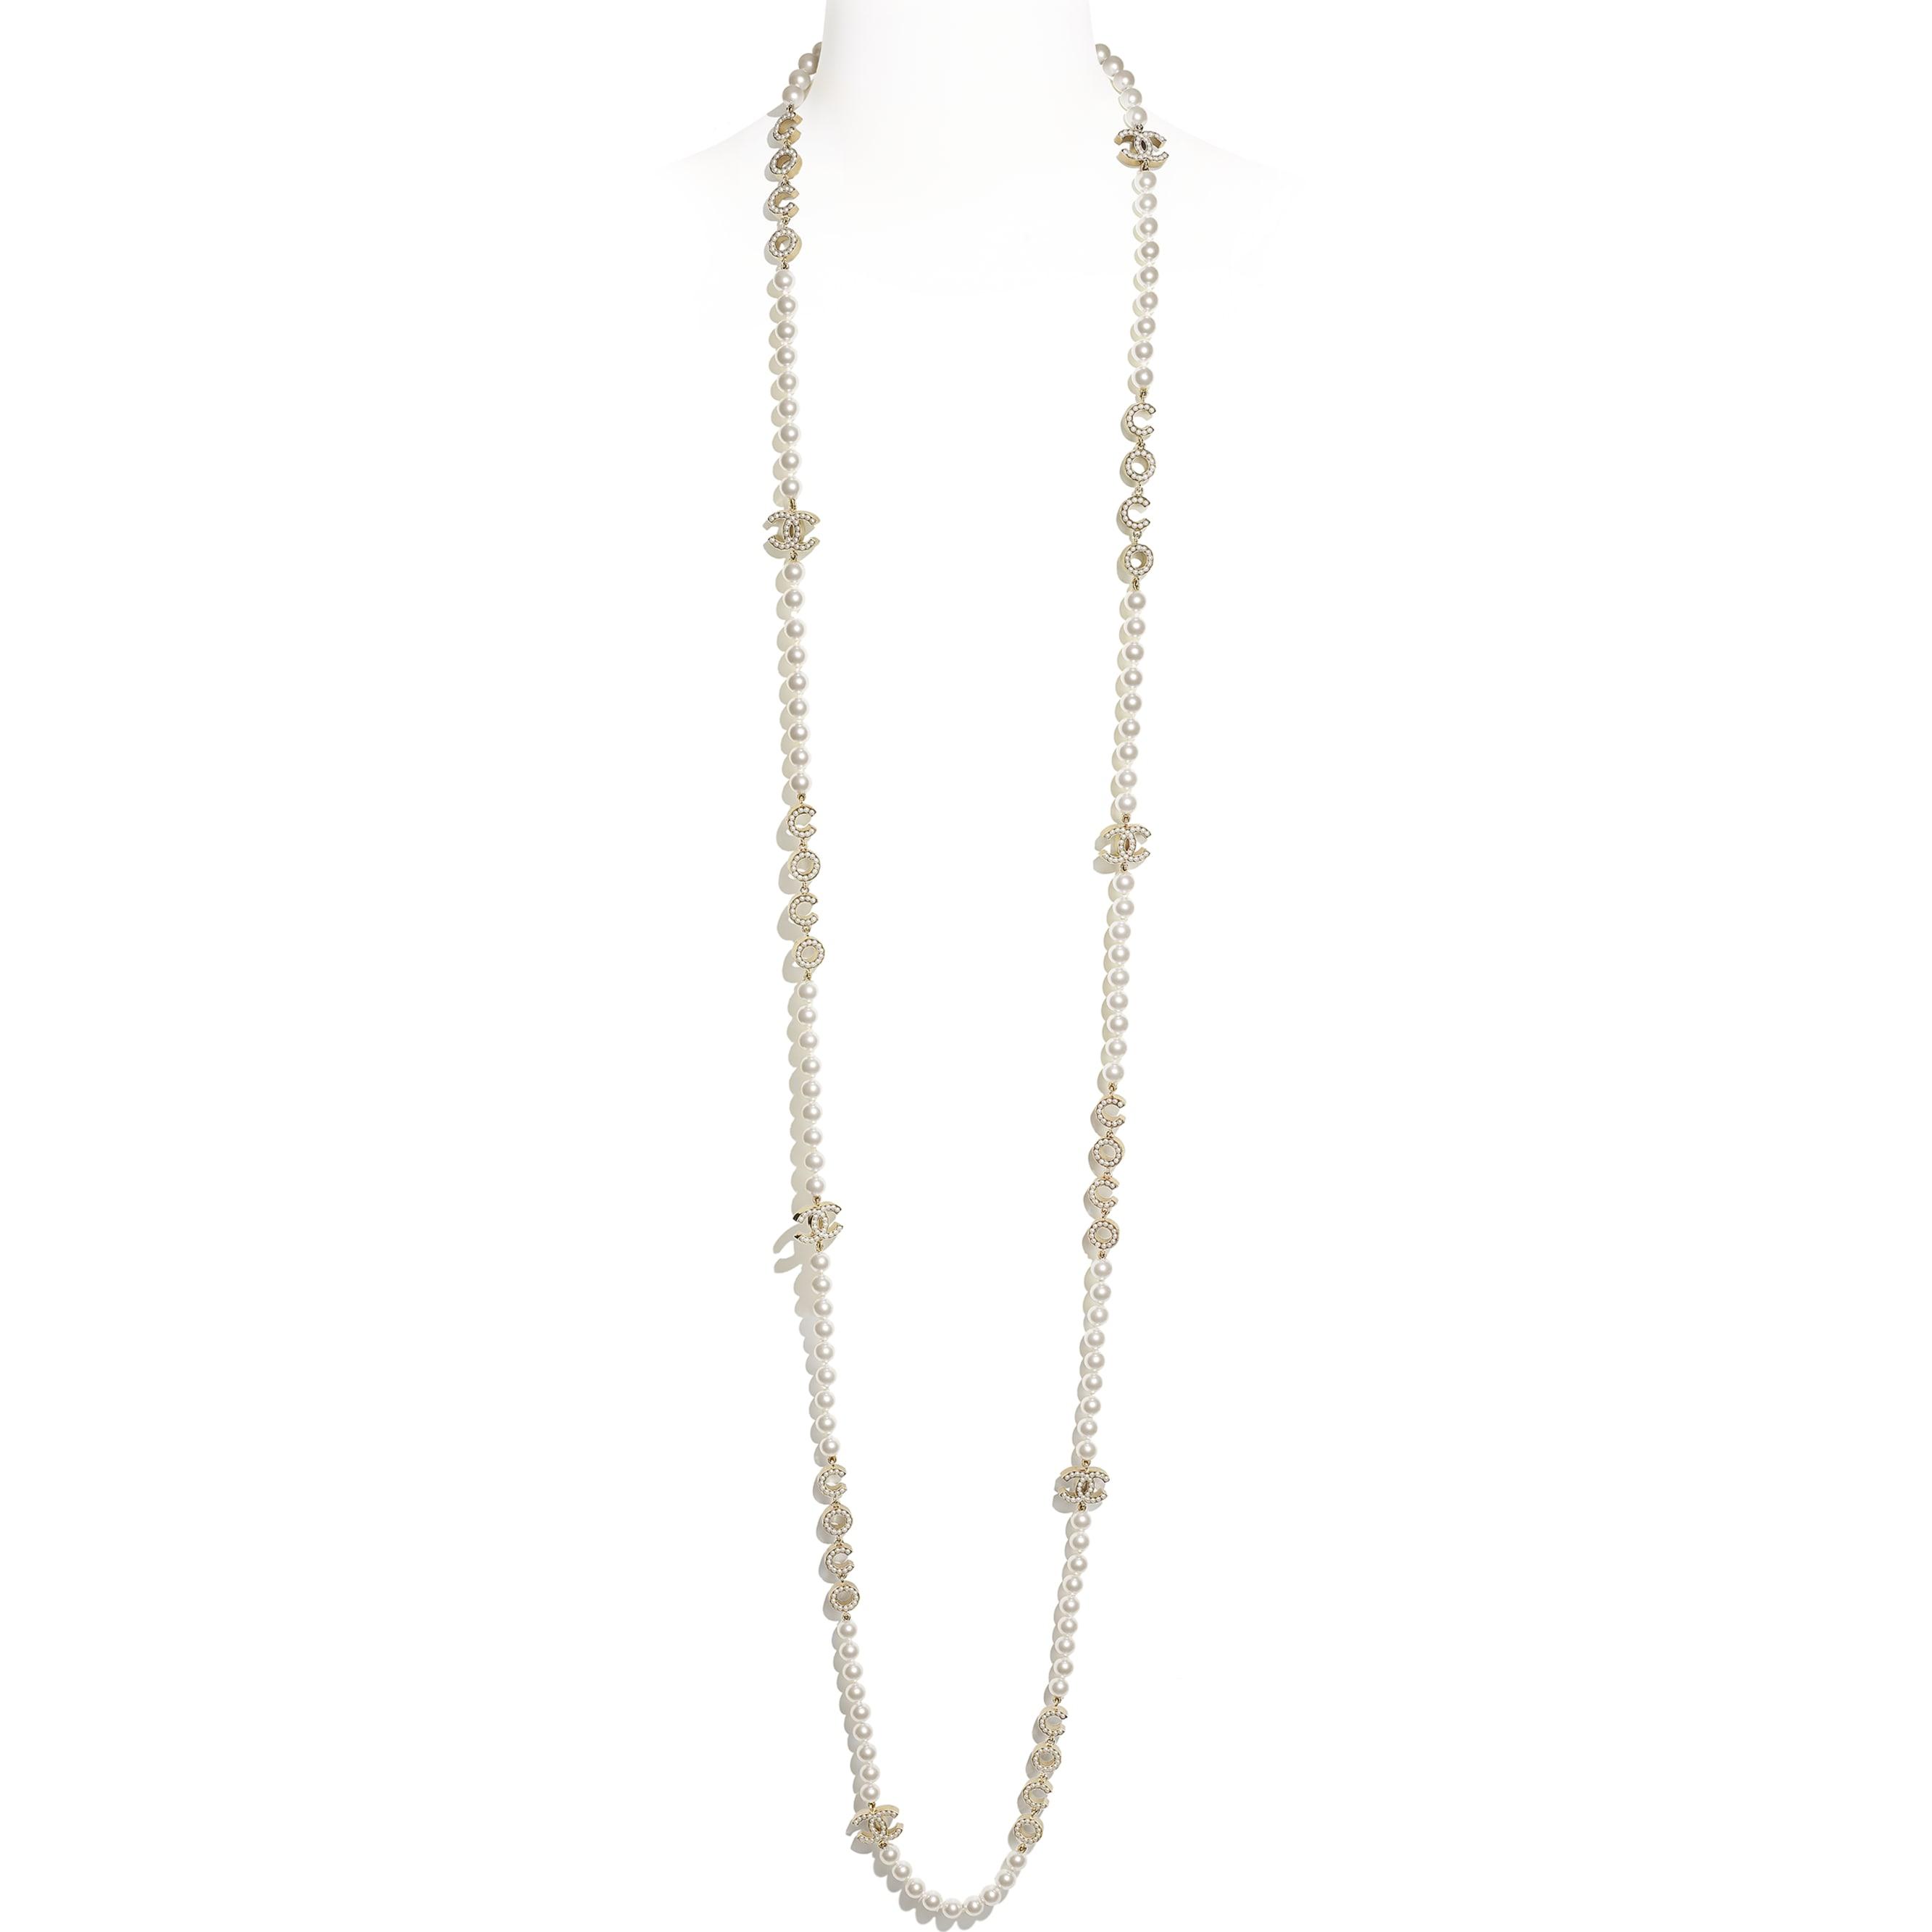 Długi naszyjnik - Kolor złoty i perłowobiały - Metal i szklane perły - CHANEL - Widok domyślny – zobacz w standardowym rozmiarze